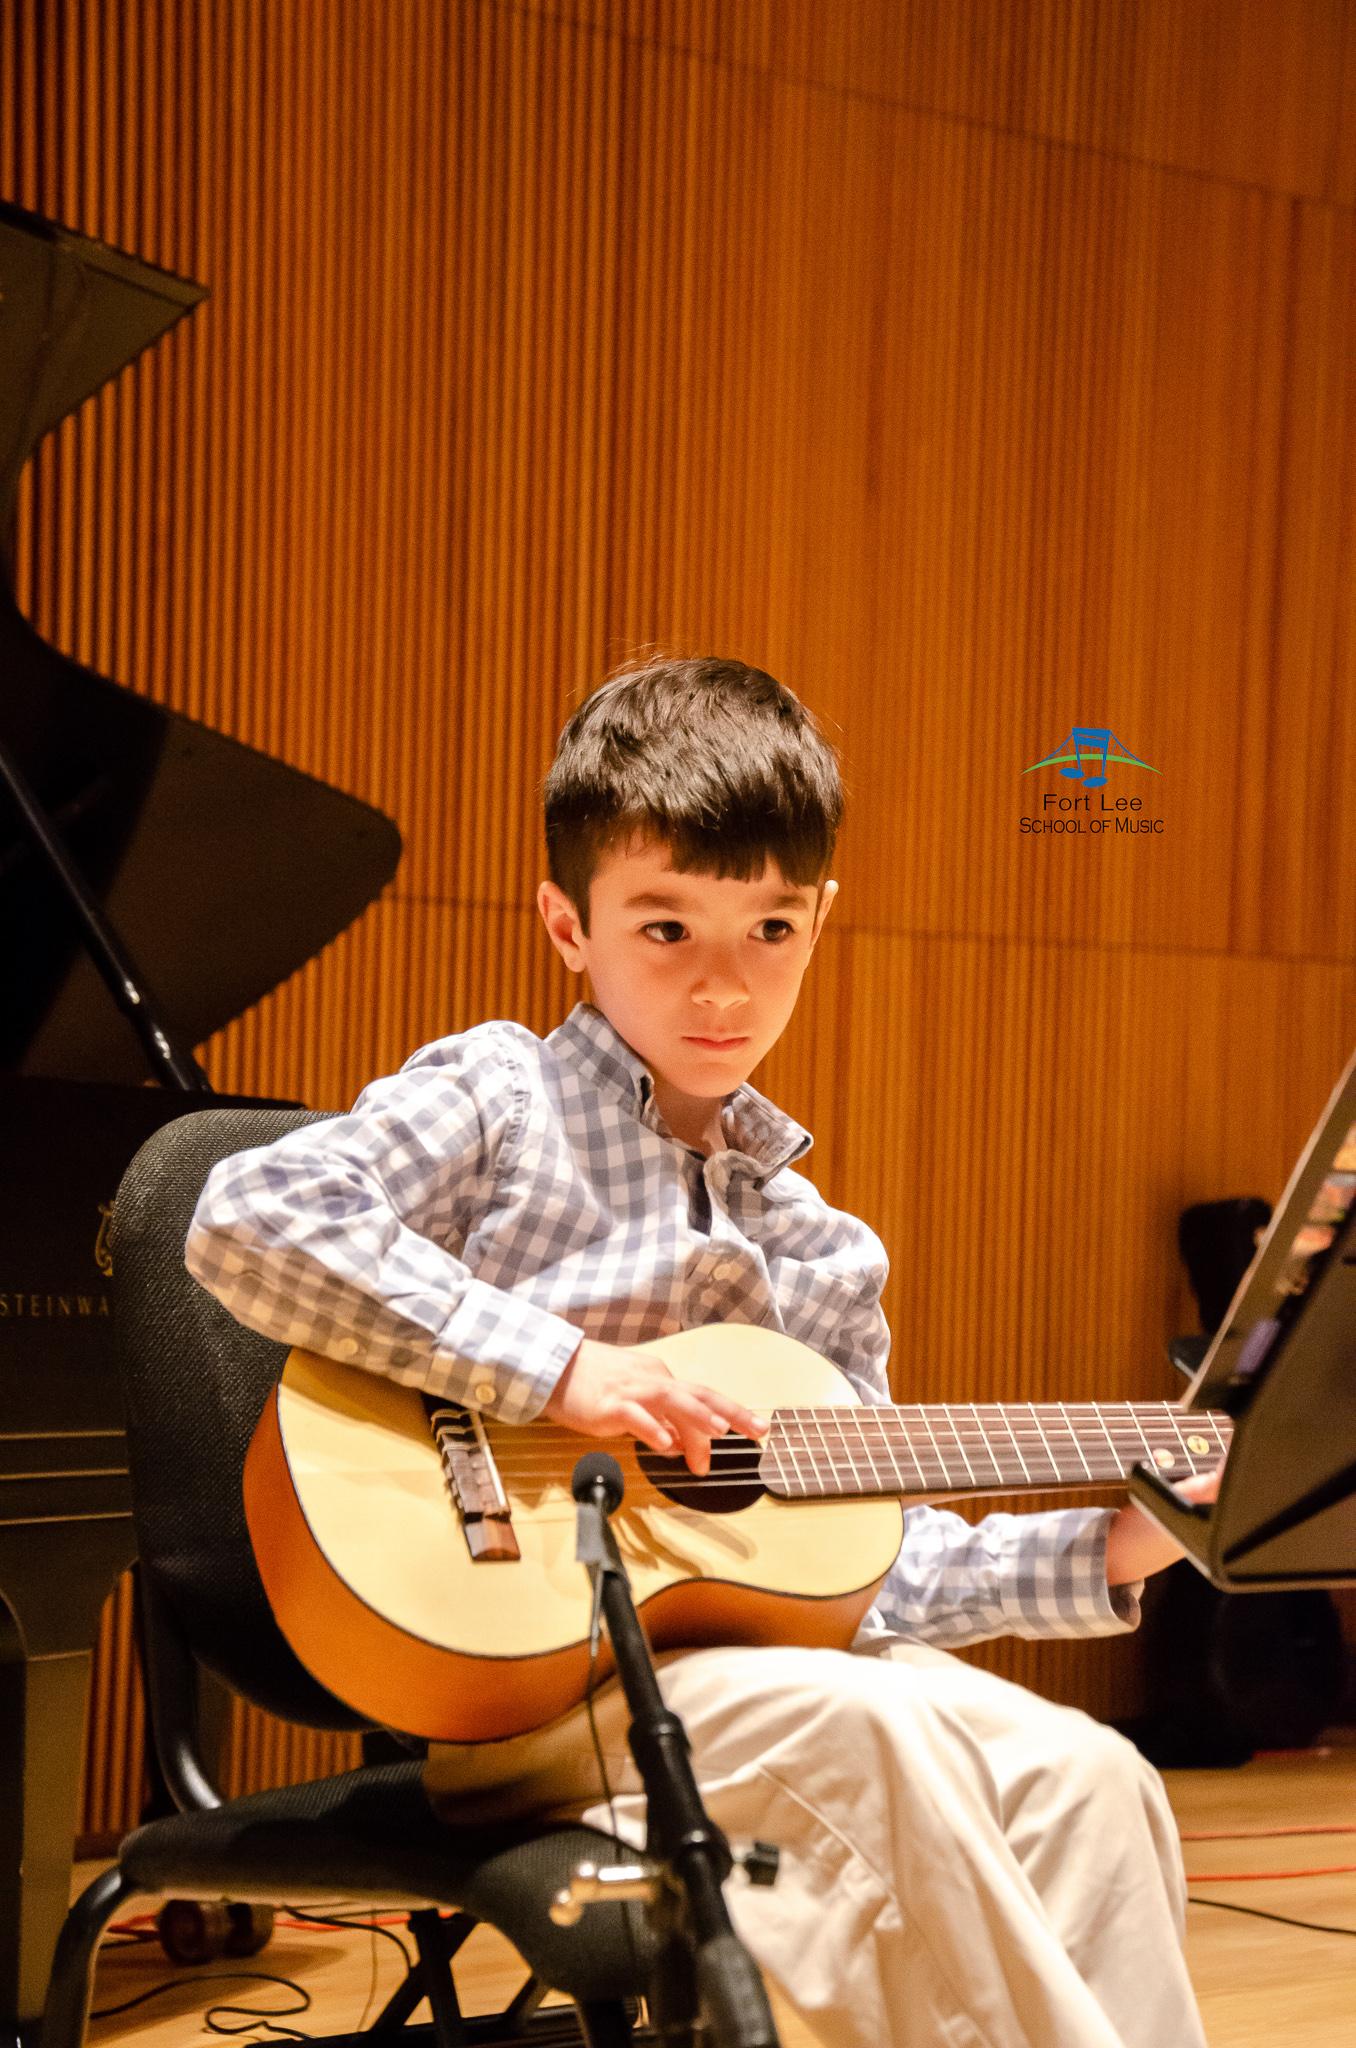 guitar-lessons-for-kids.jpg